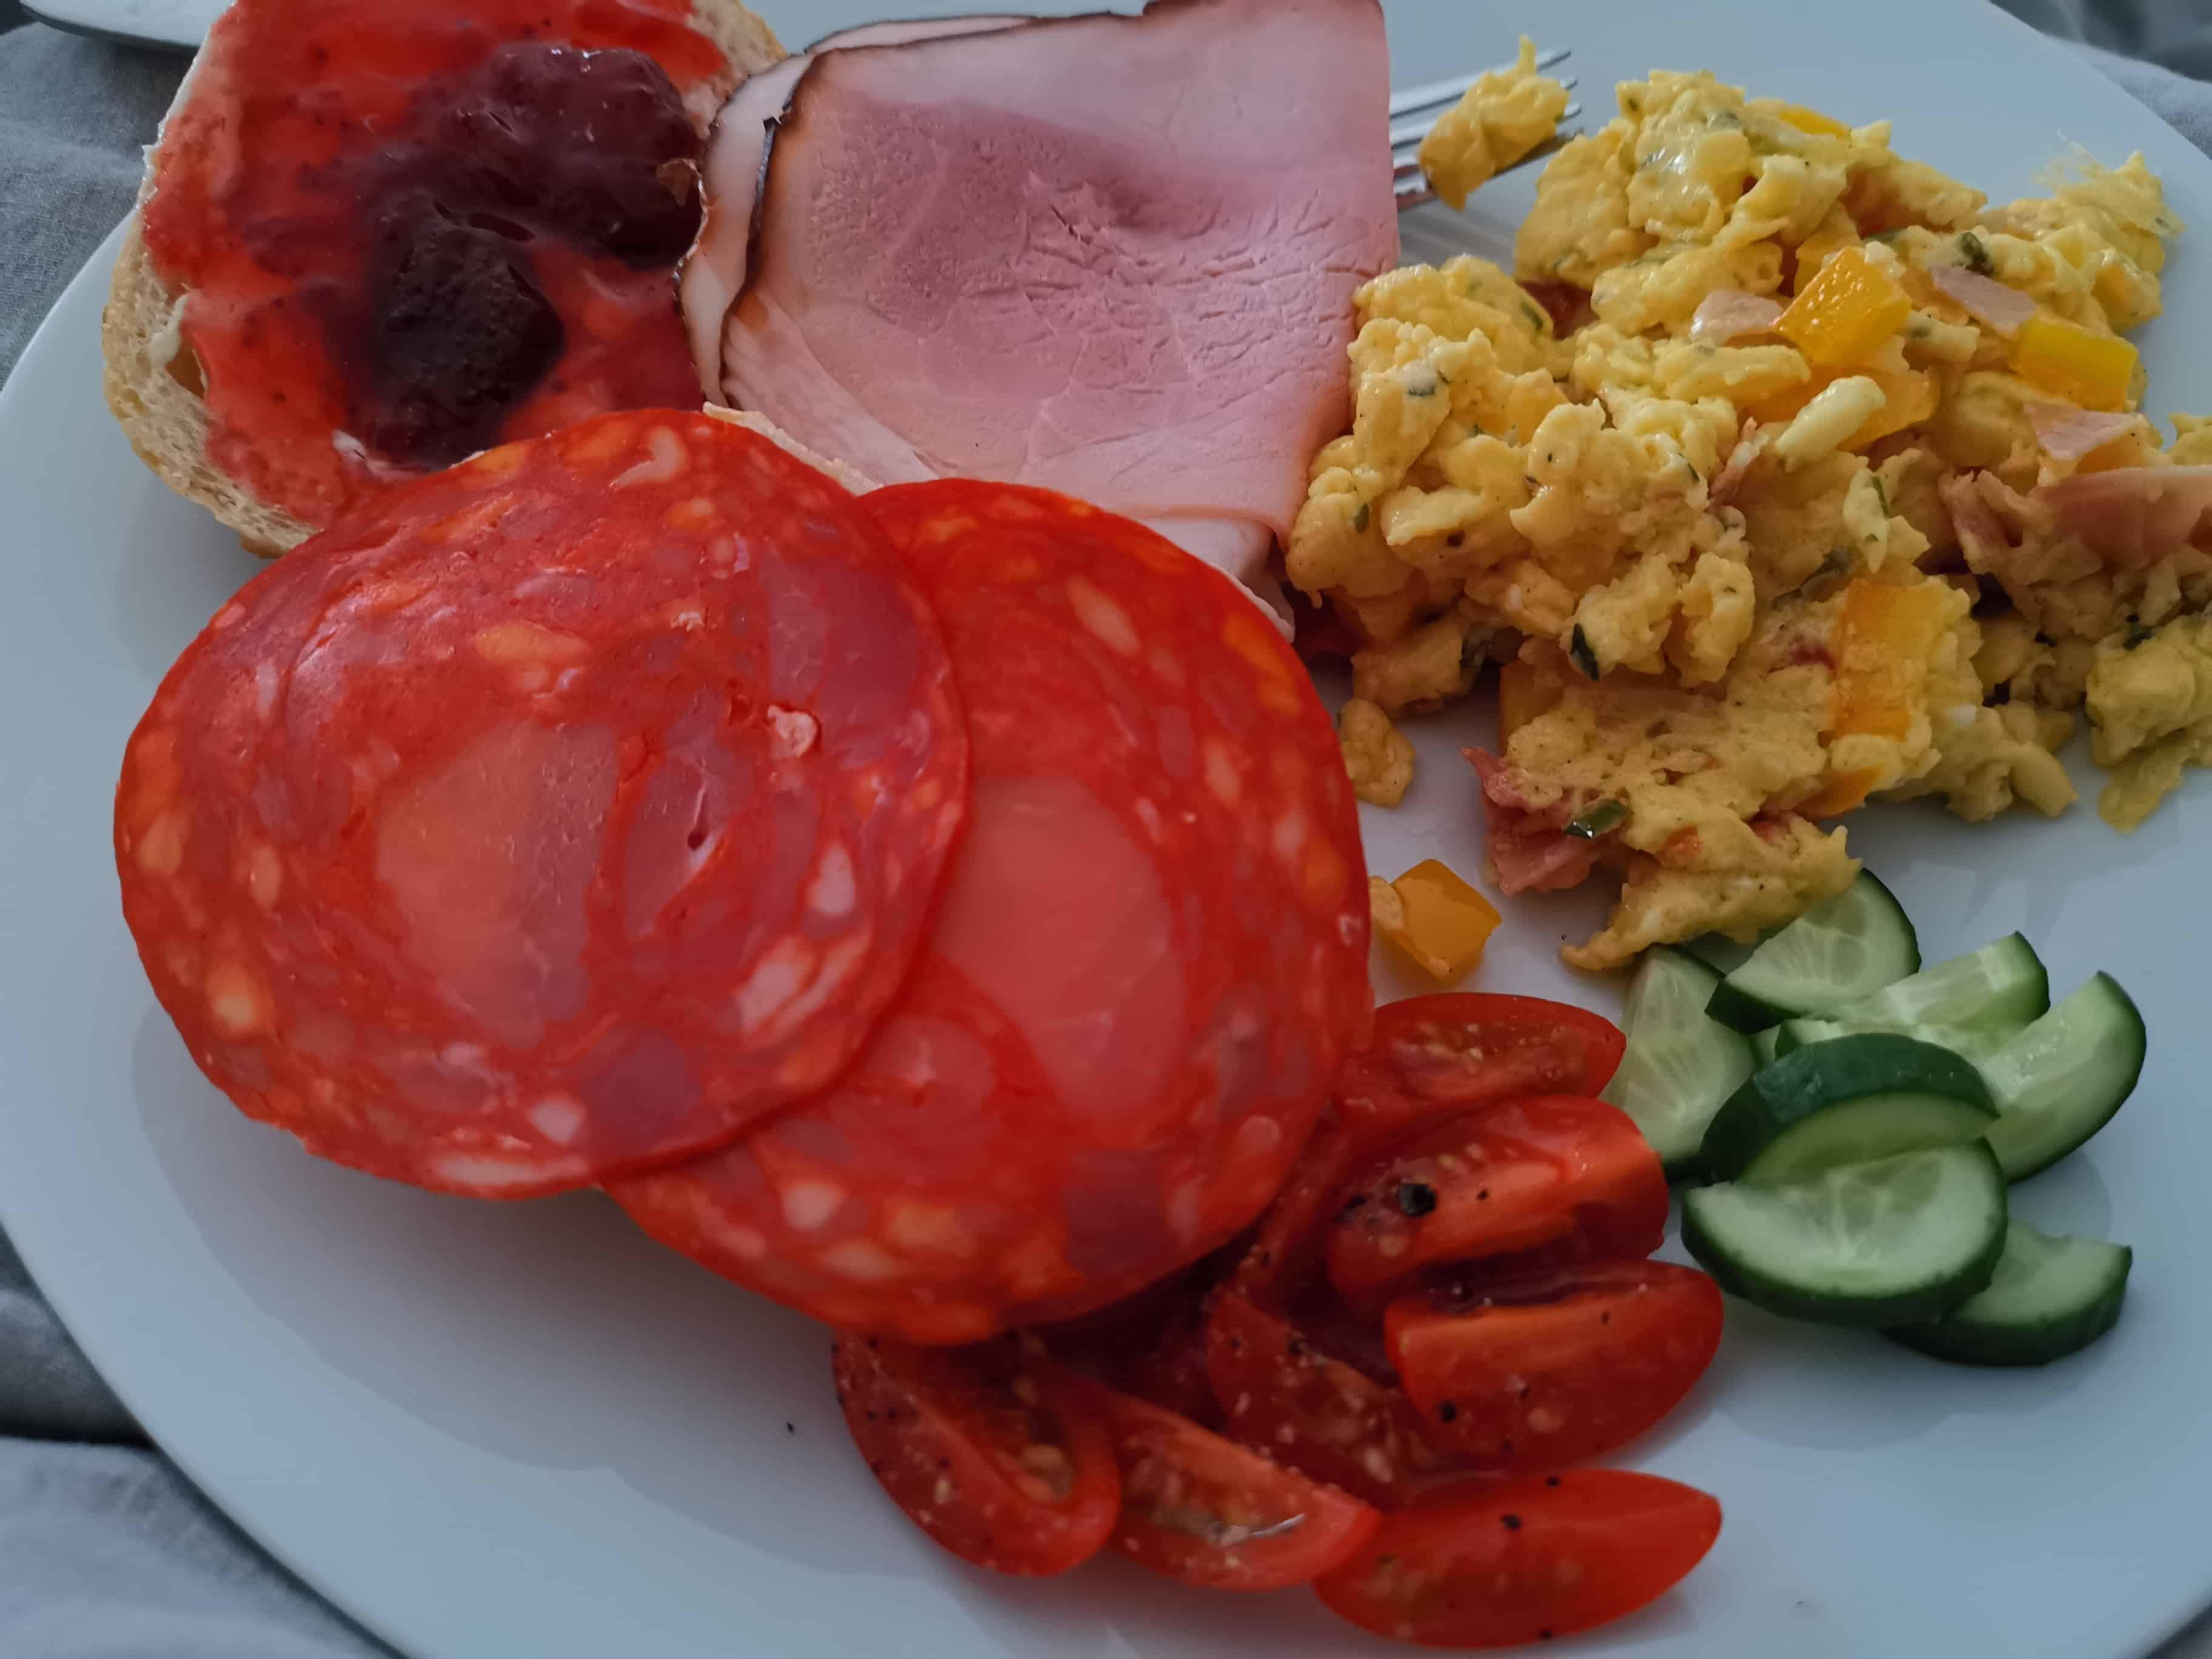 Neujahrsfrühstück im Bett: Rührei mit Resten vom Raclette und Brötchen mit Wurst und Marmelade